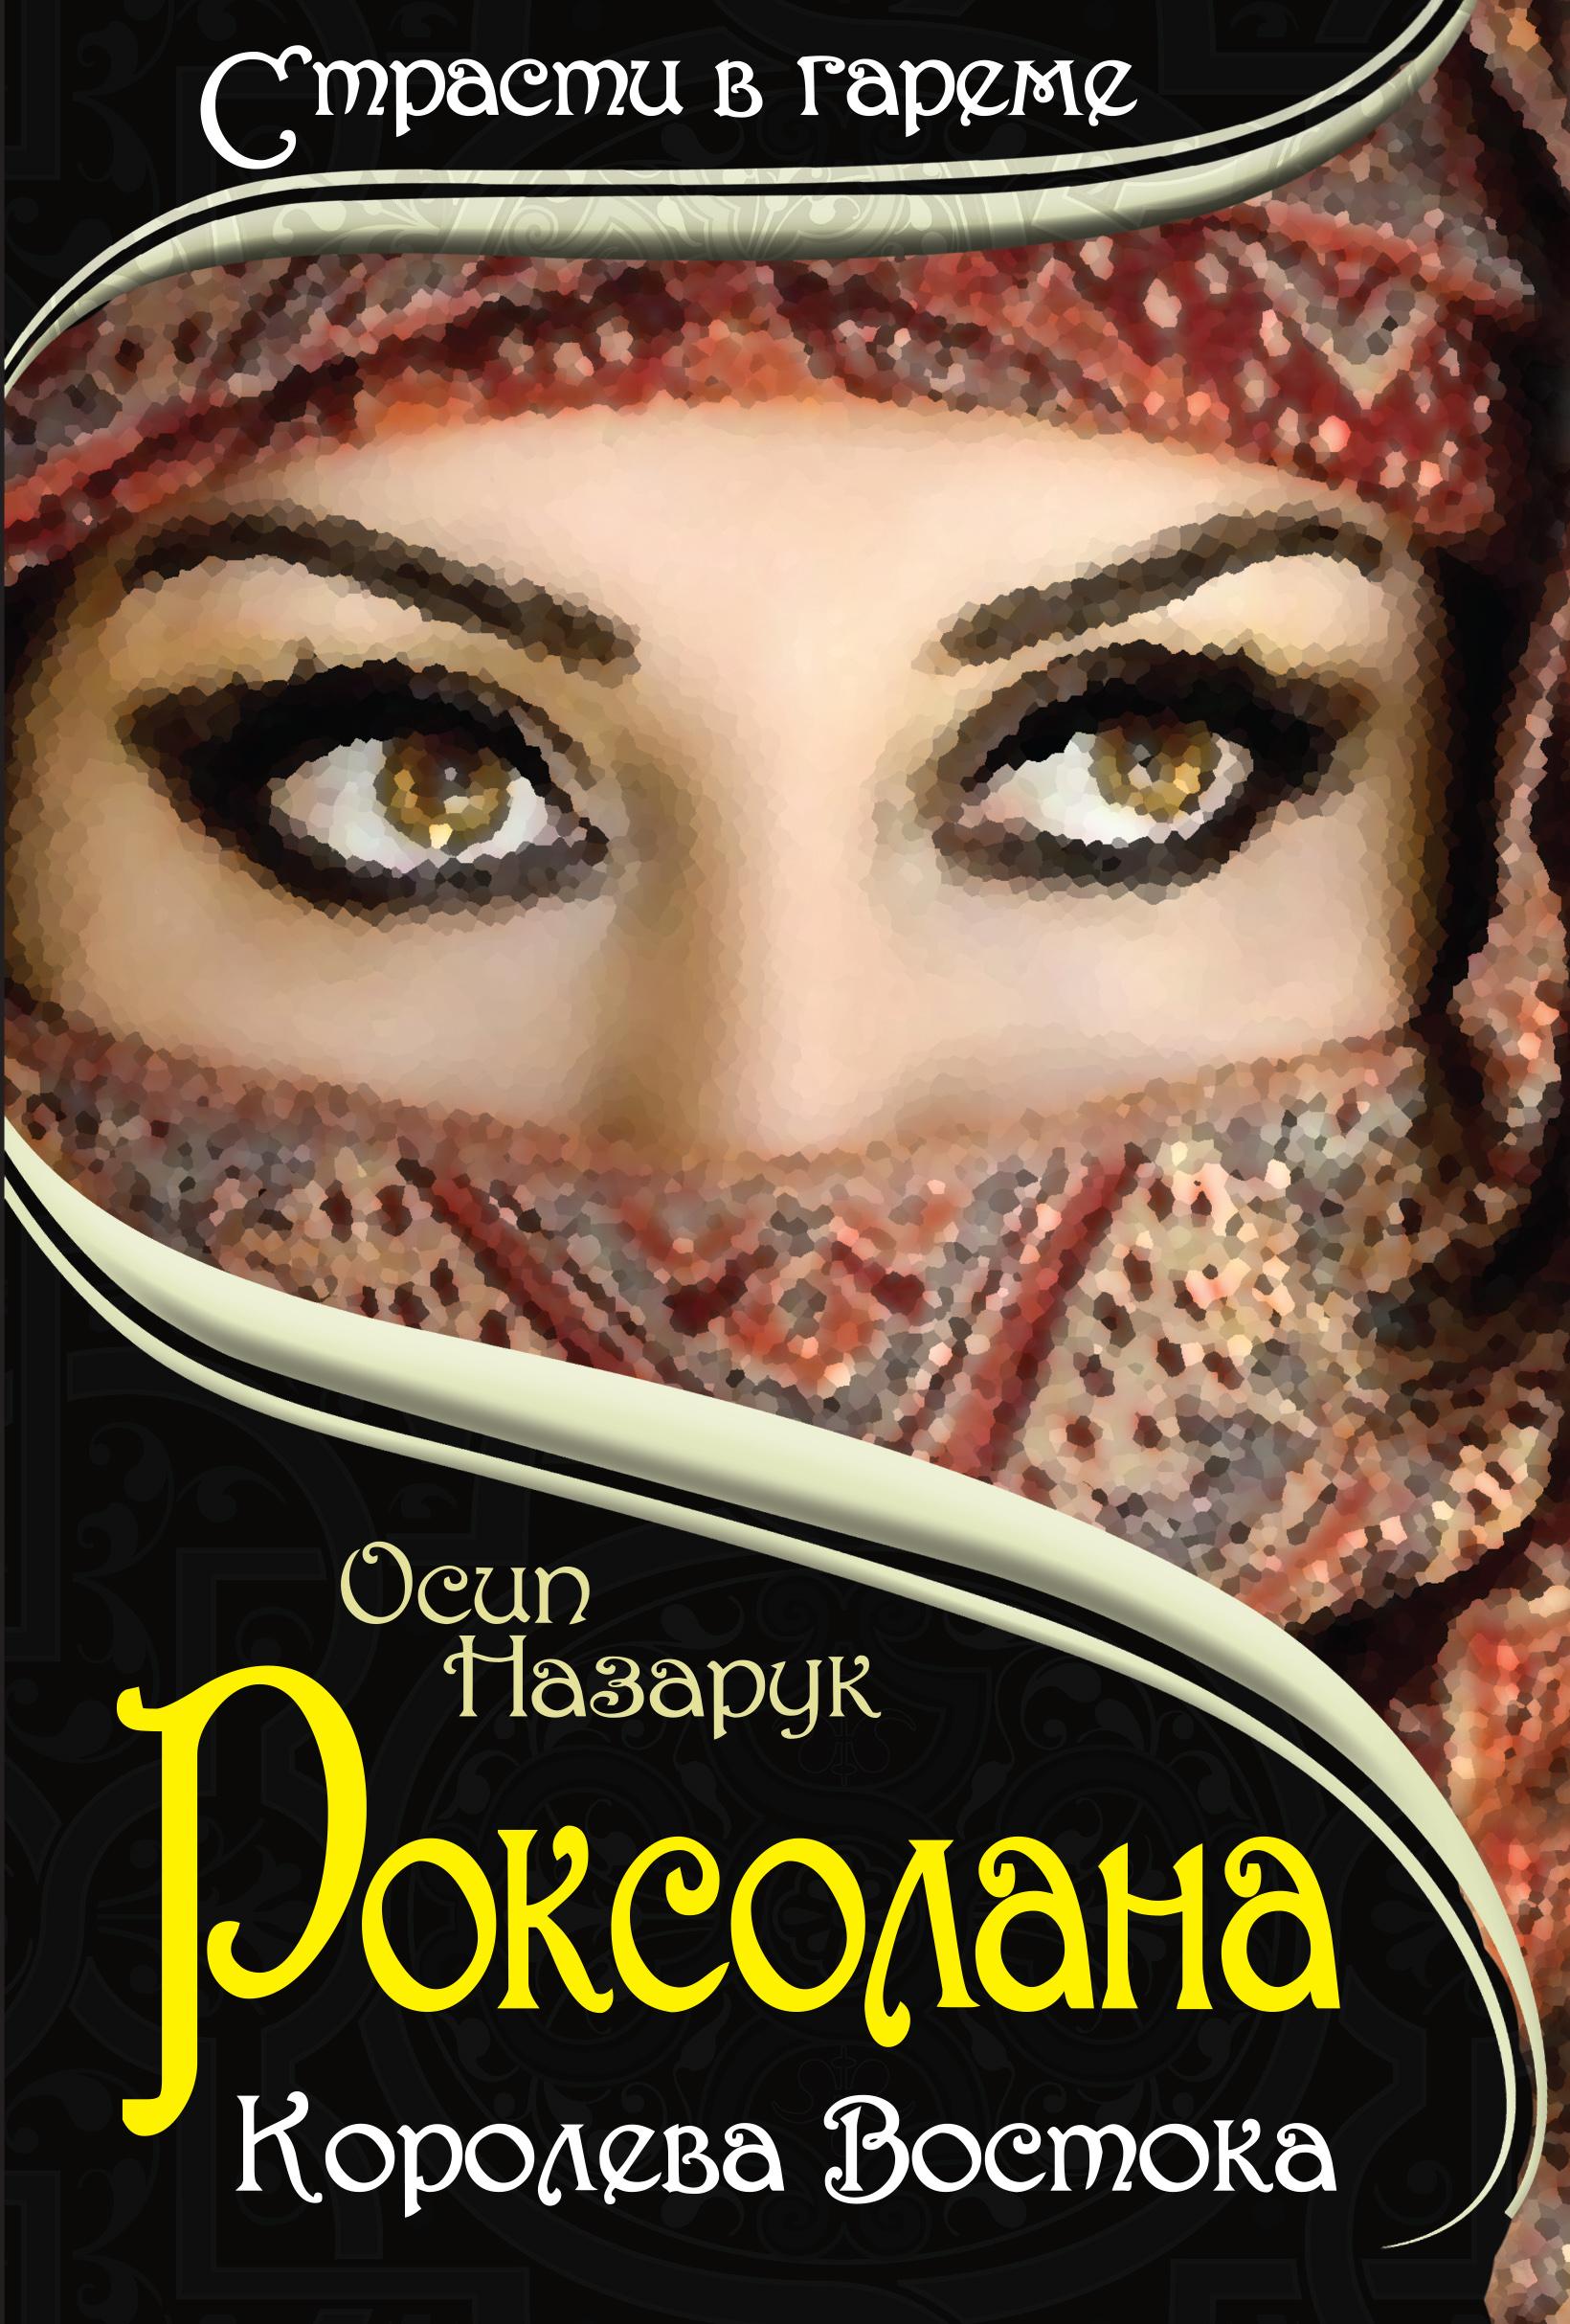 Осип Назарук Роксолана: Королева Востока николай лазорский роксолана королева османской империи сборник